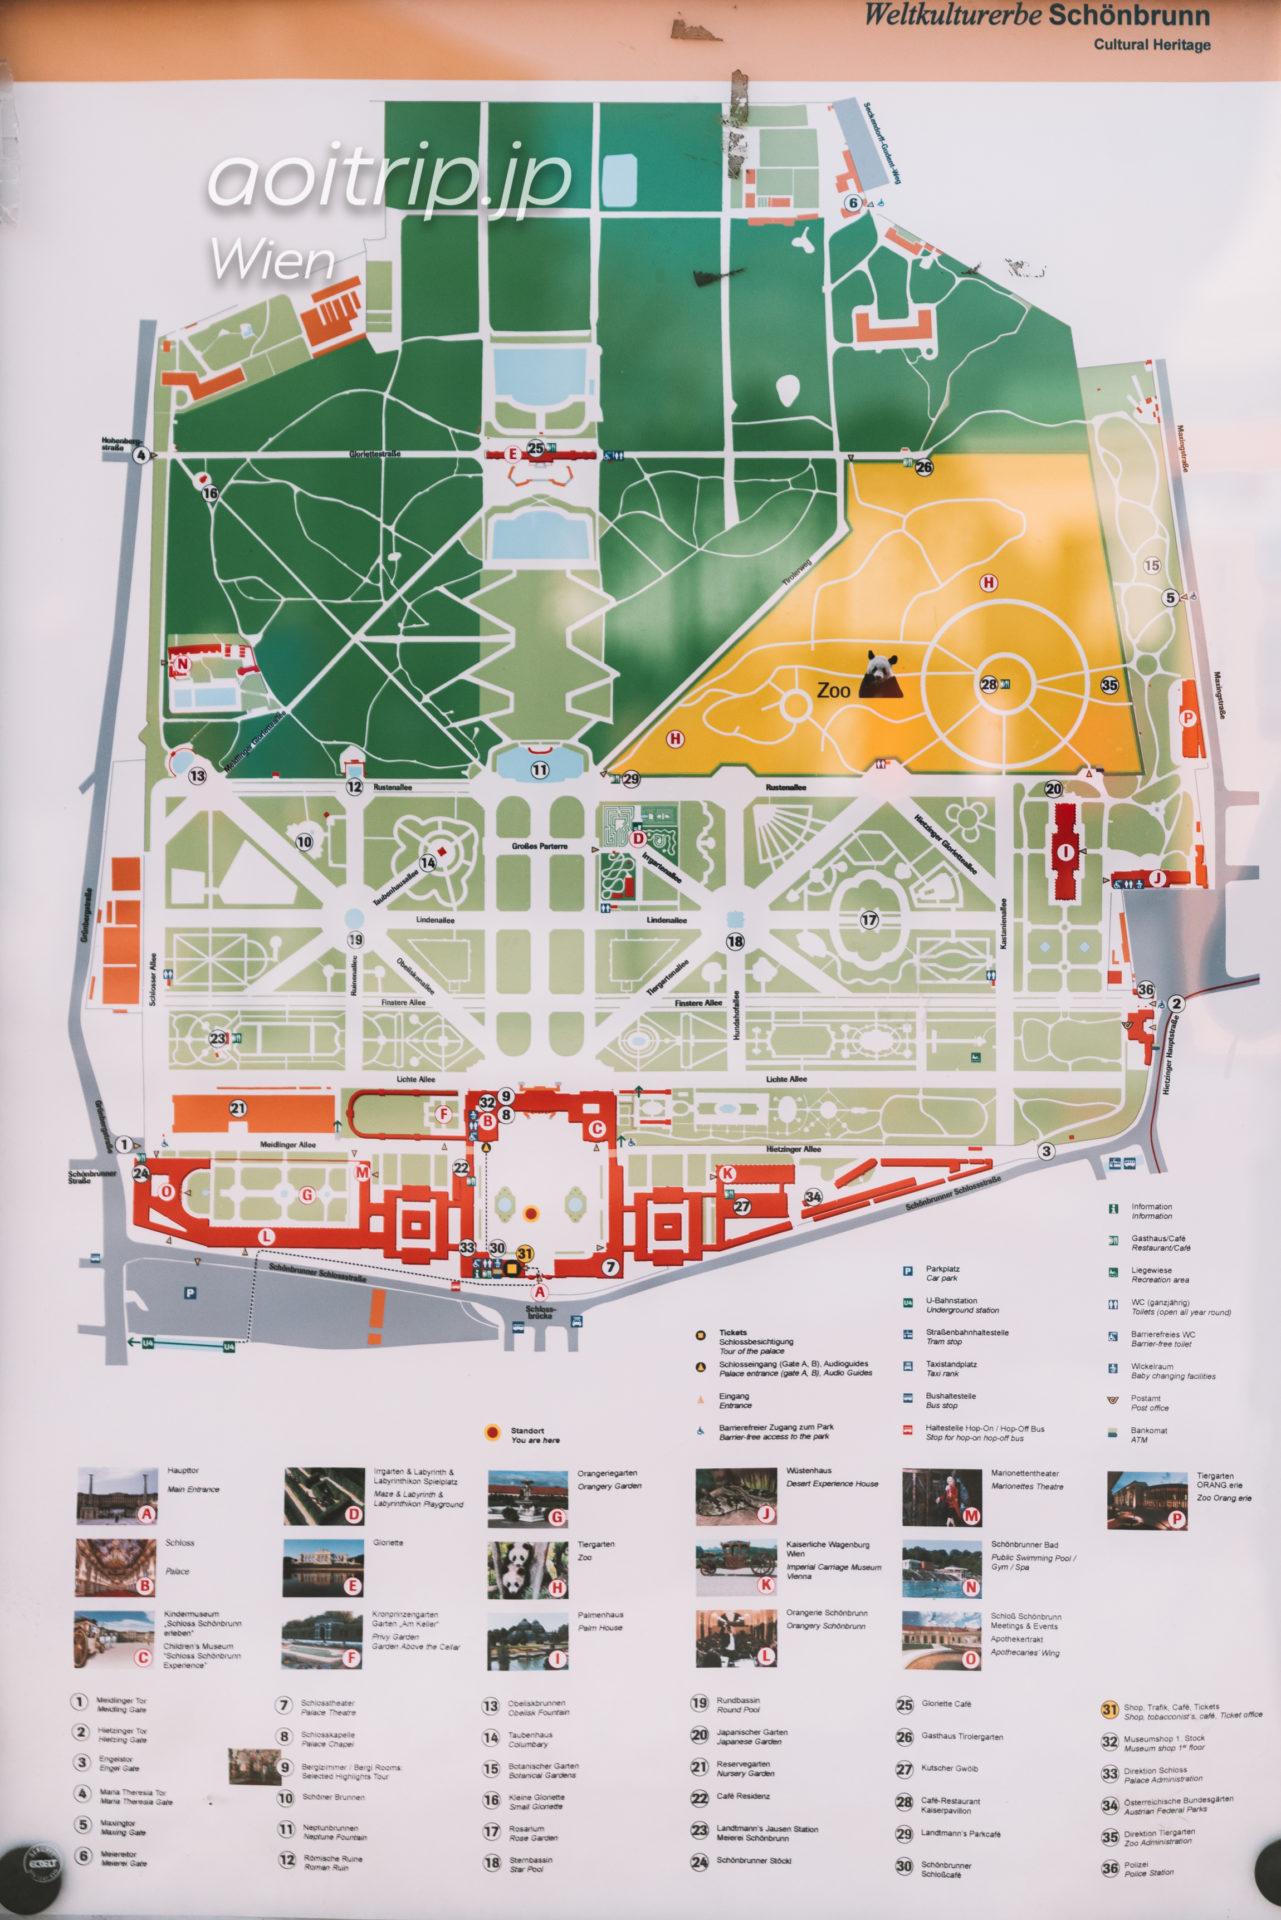 Schloss Schönbrunn(※Click to enlarge)